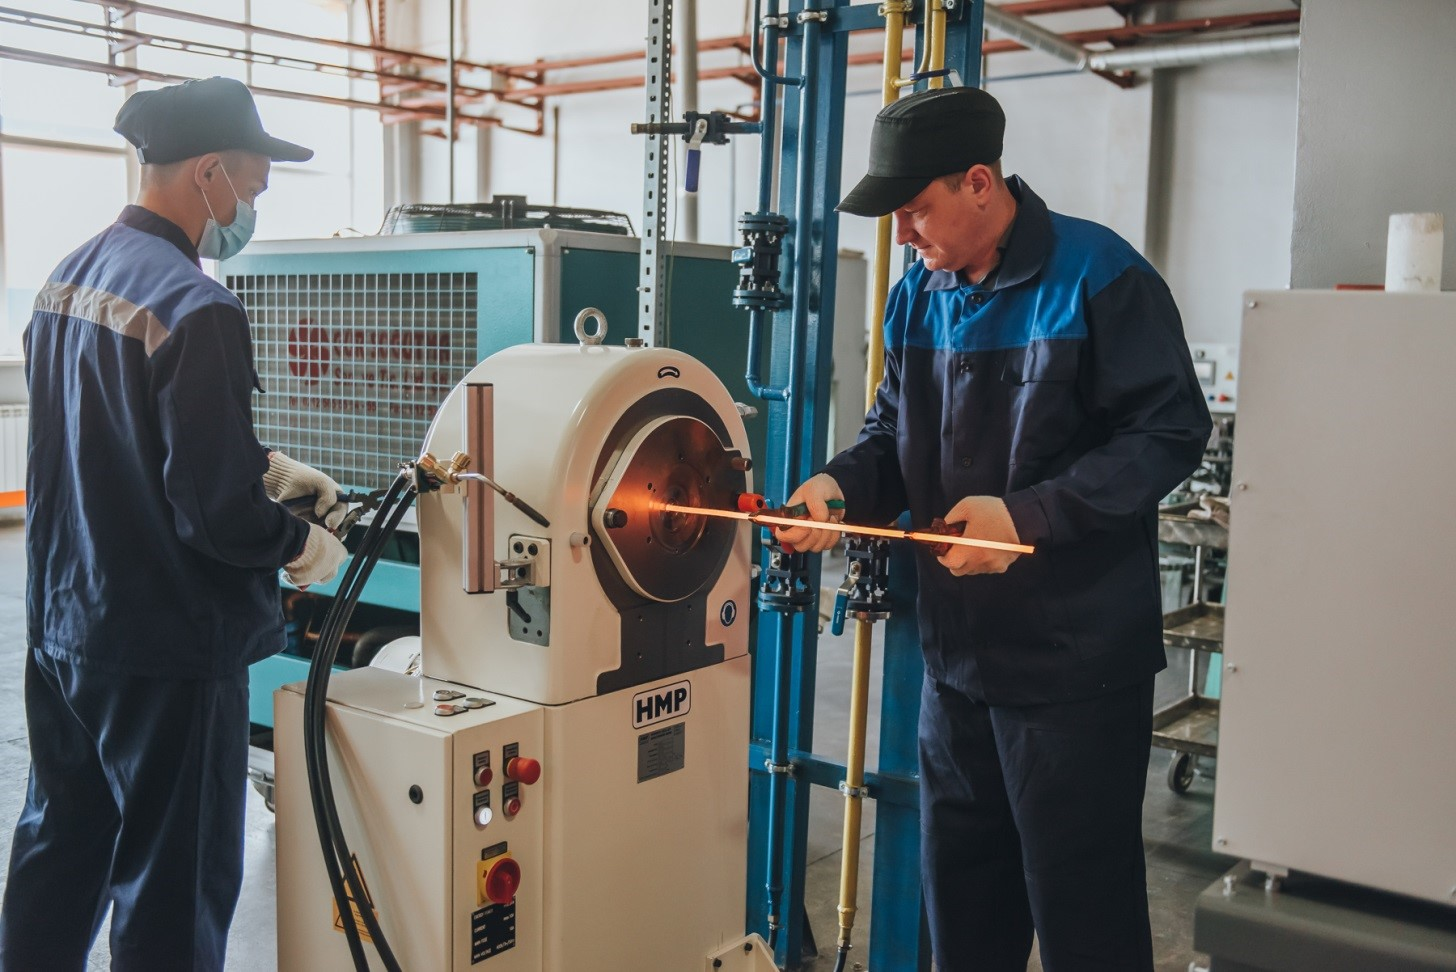 Ротационно-ковочный комплекс предназначен для ковки прутков из иридия и родия. Он позволит улучшить качество тянутой заготовки для проволоки, применяемой в каталитических системах АО «ЕЗ ОЦМ» и автомобильных свечах зажигания.